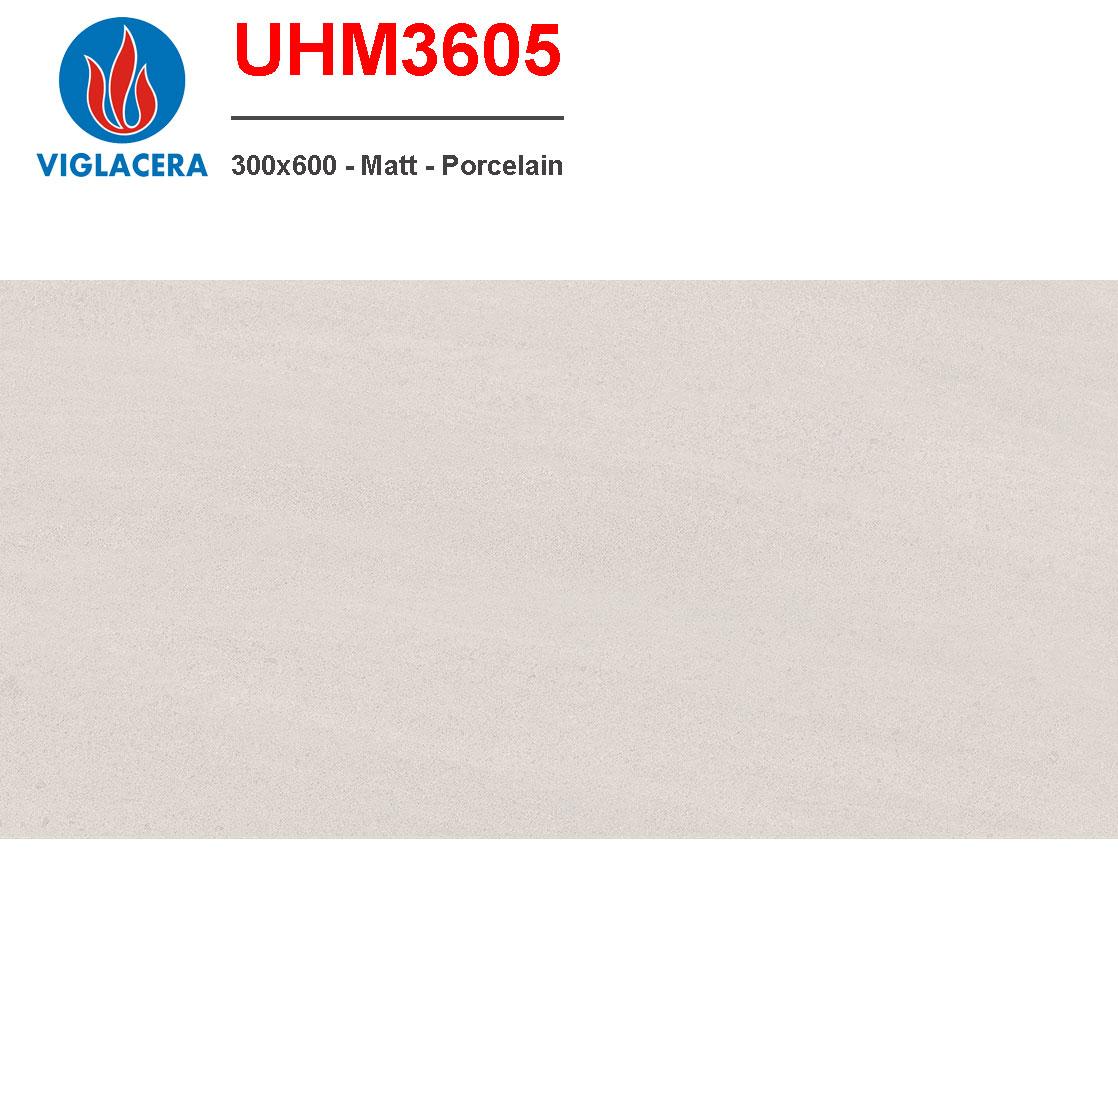 Gạch ốp tường Viglacera UHM3605 giá rẻ